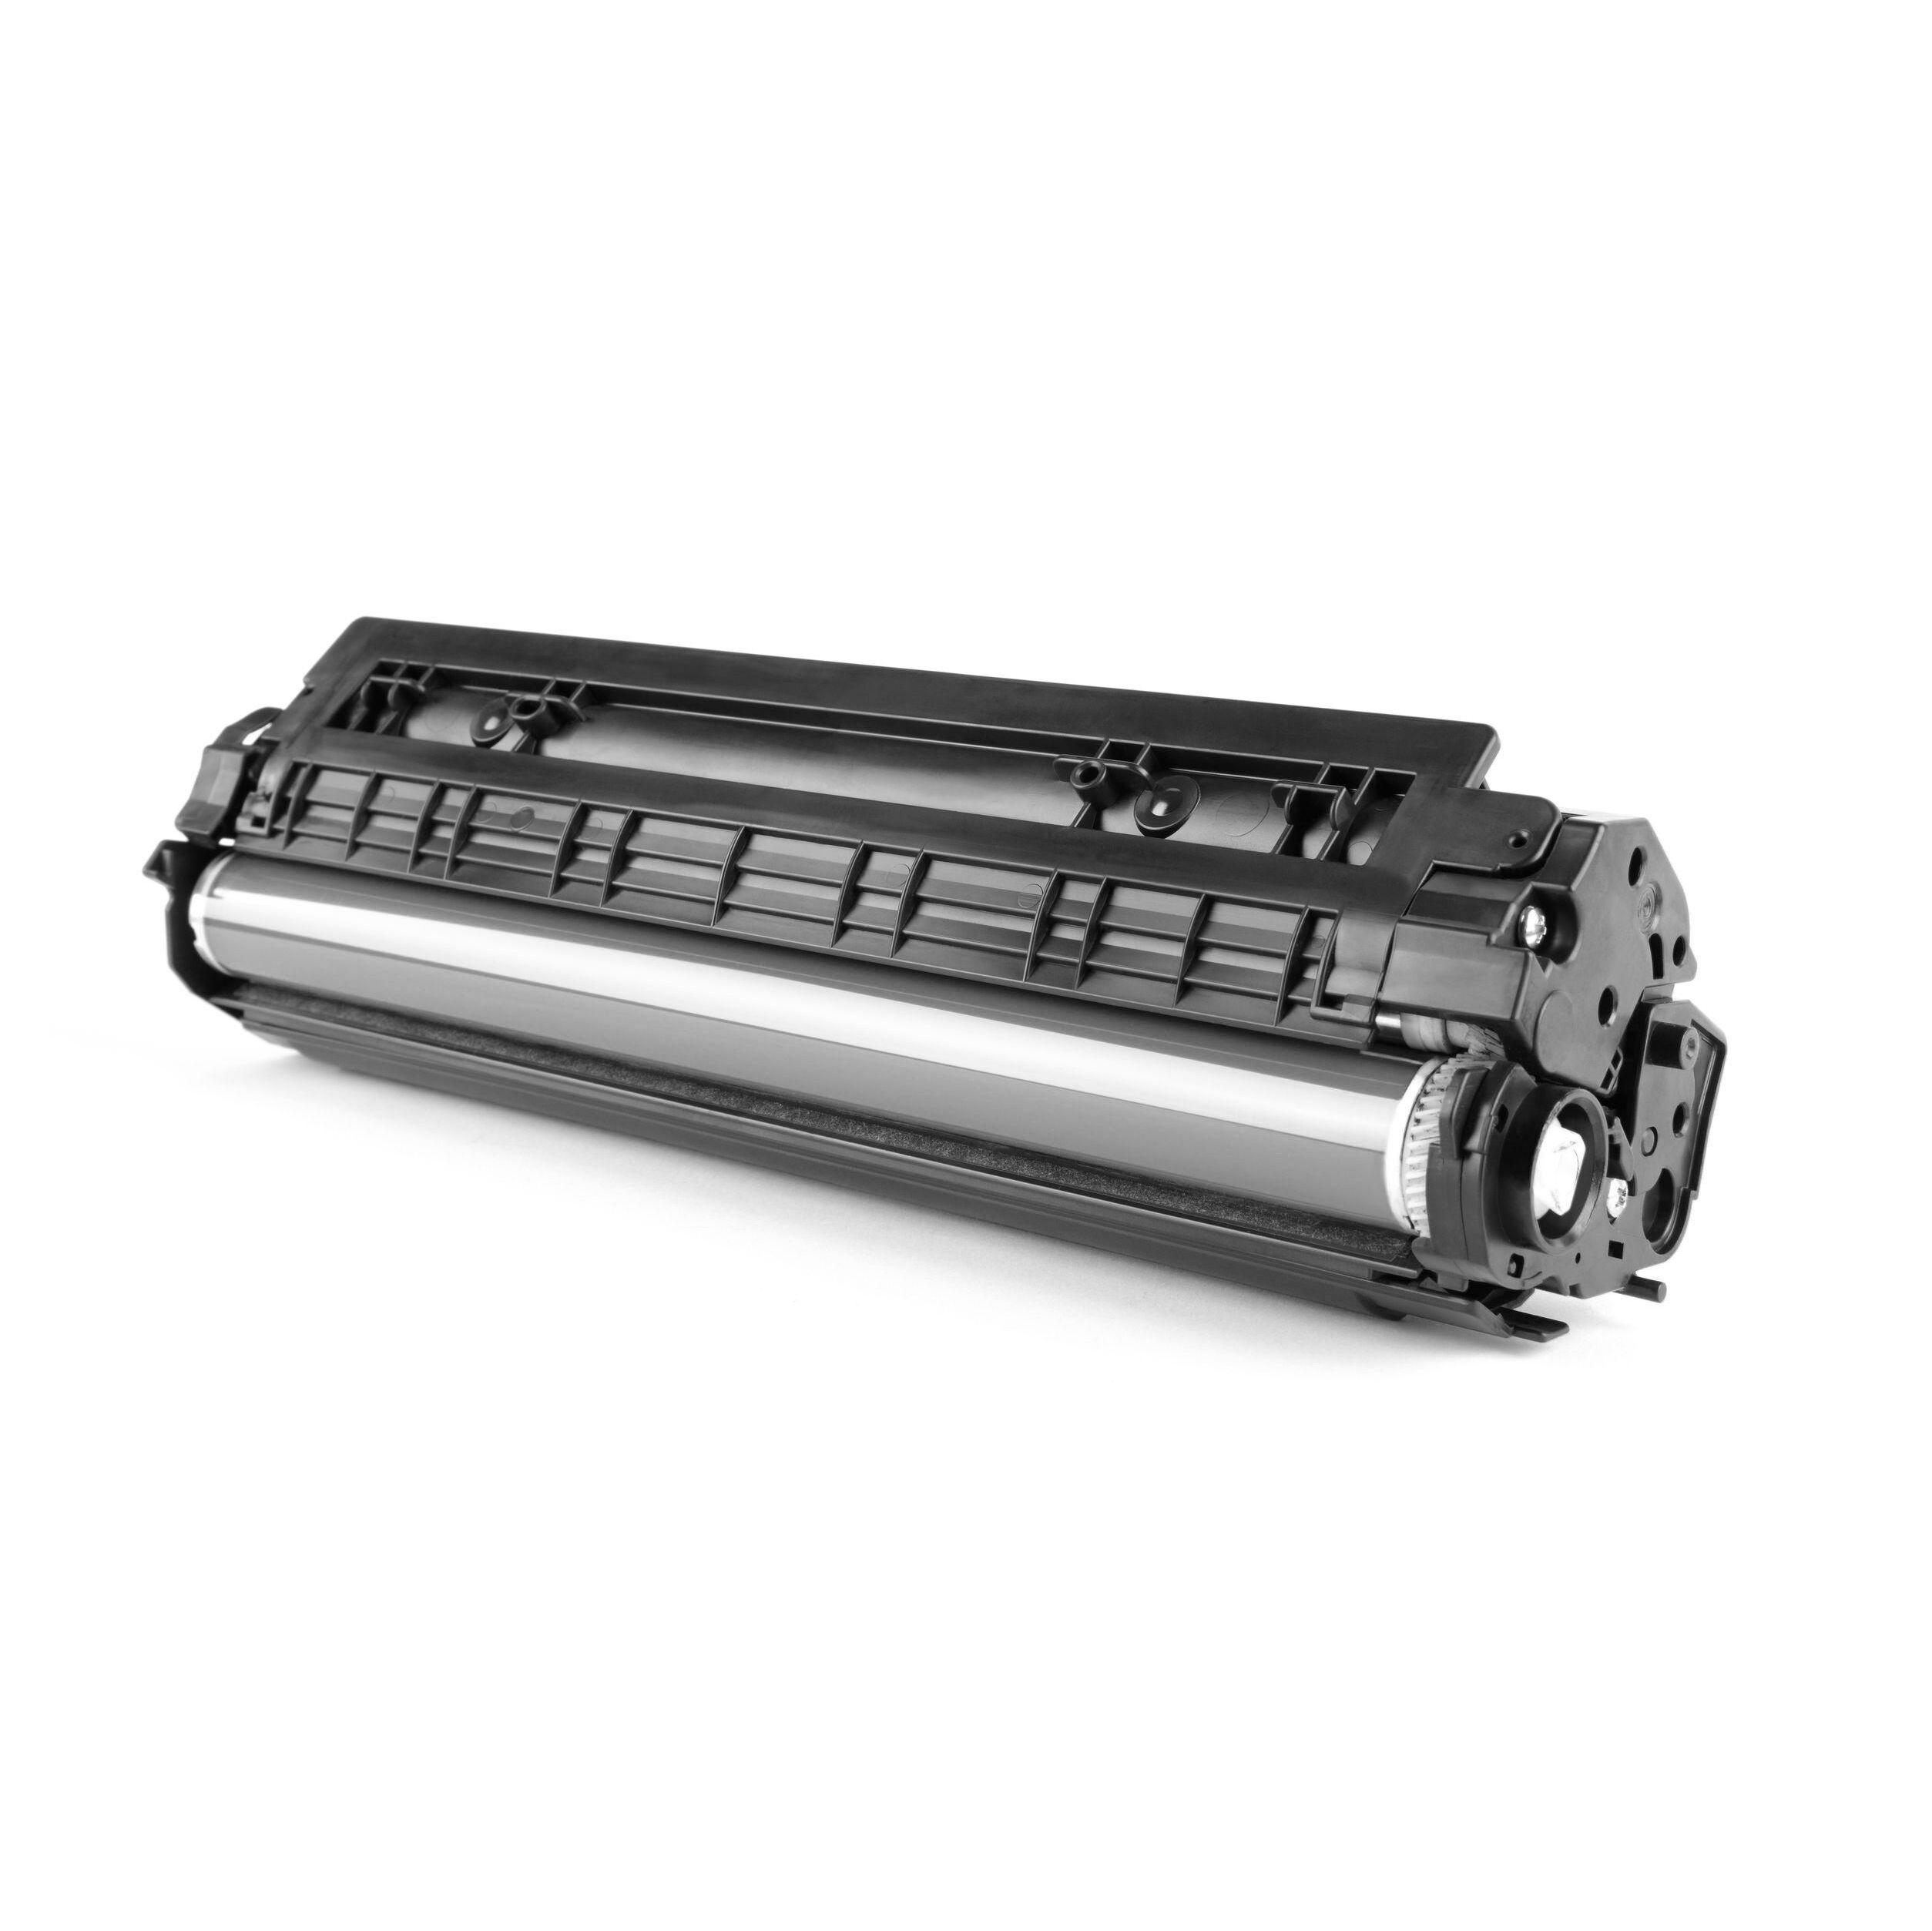 Brother HSE-241 Druckerzubehör schwarz white original - passend für Brother P-Touch H 500